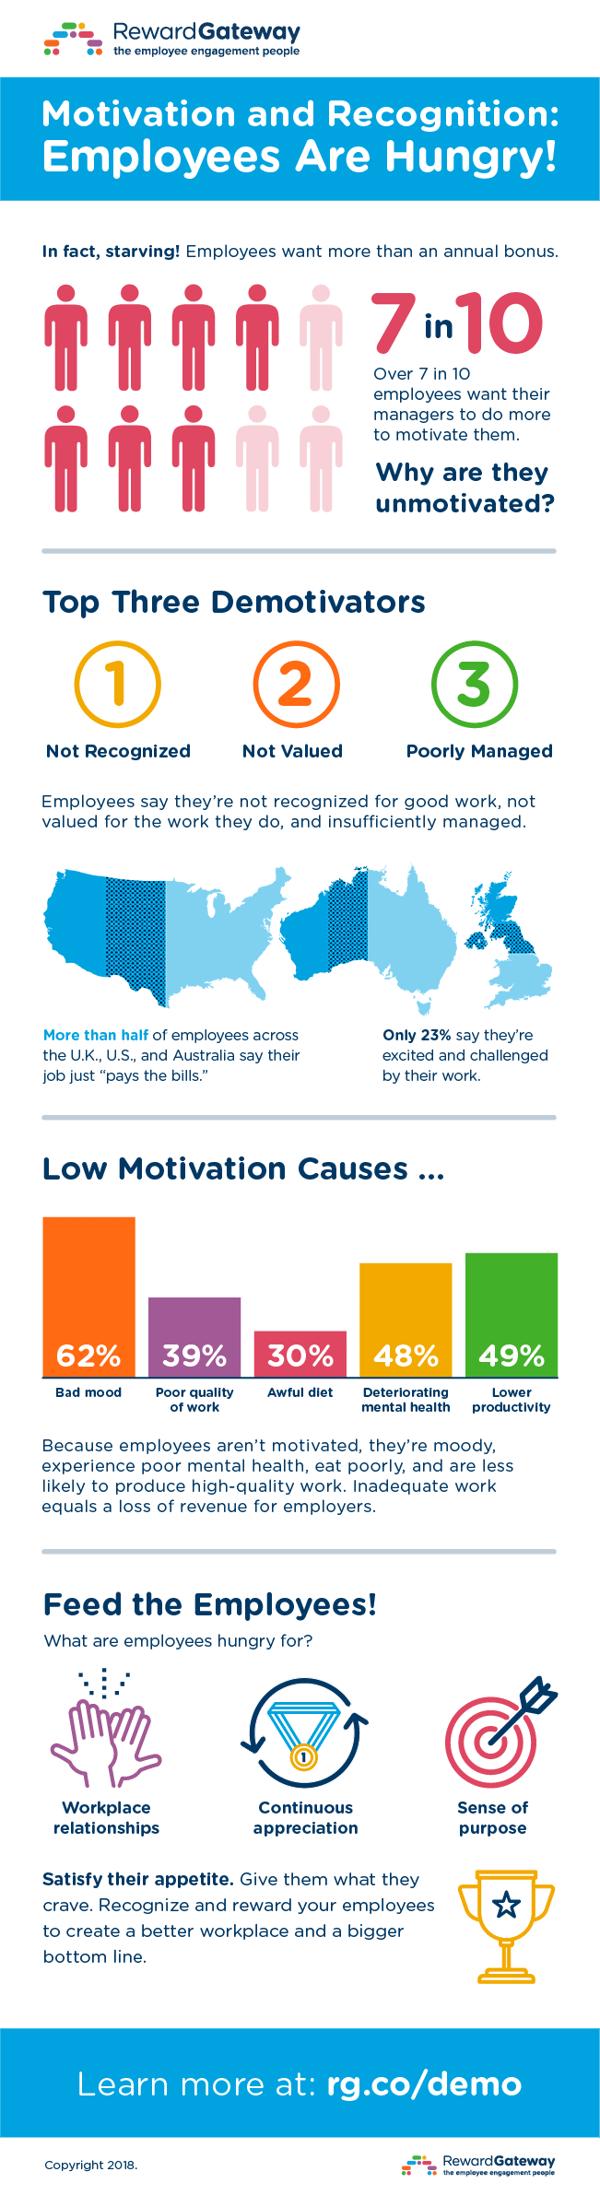 Reward-Gateway-Employee-Motivation-Infographic-2018-AU